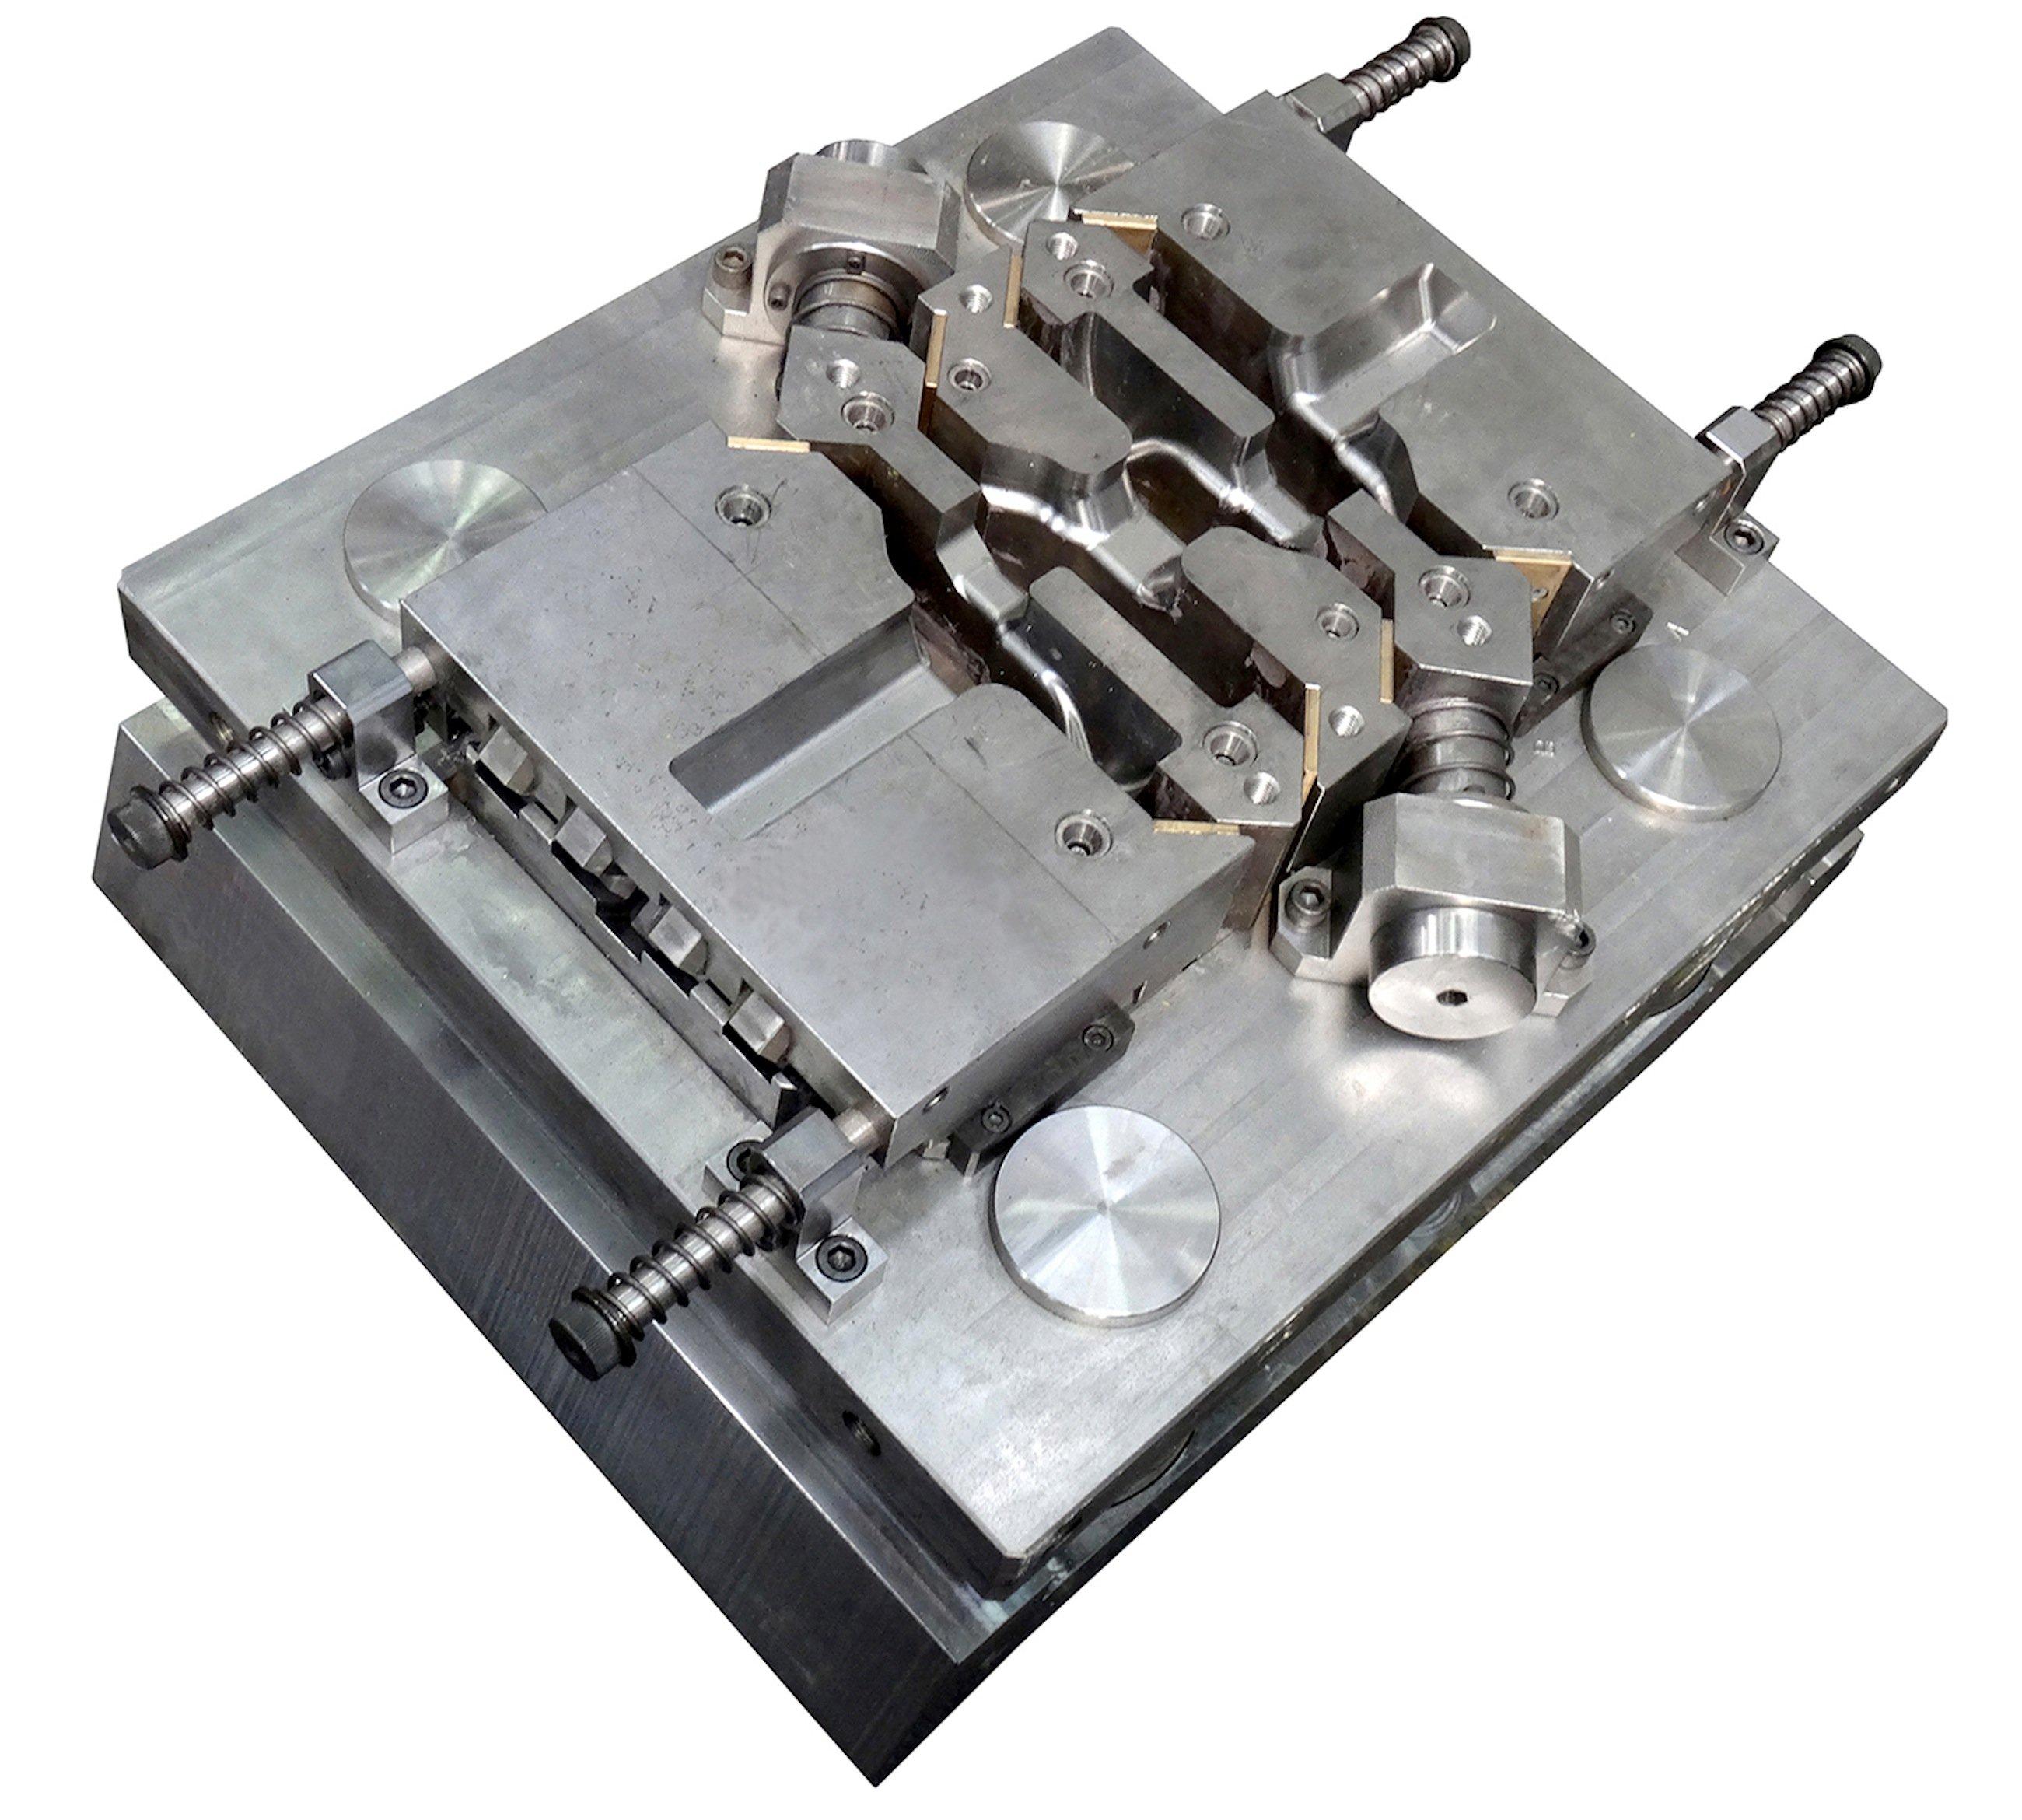 Das Schmiedewerkzeug kann in eine herkömmliche Industriepresse eingesetzt werden.